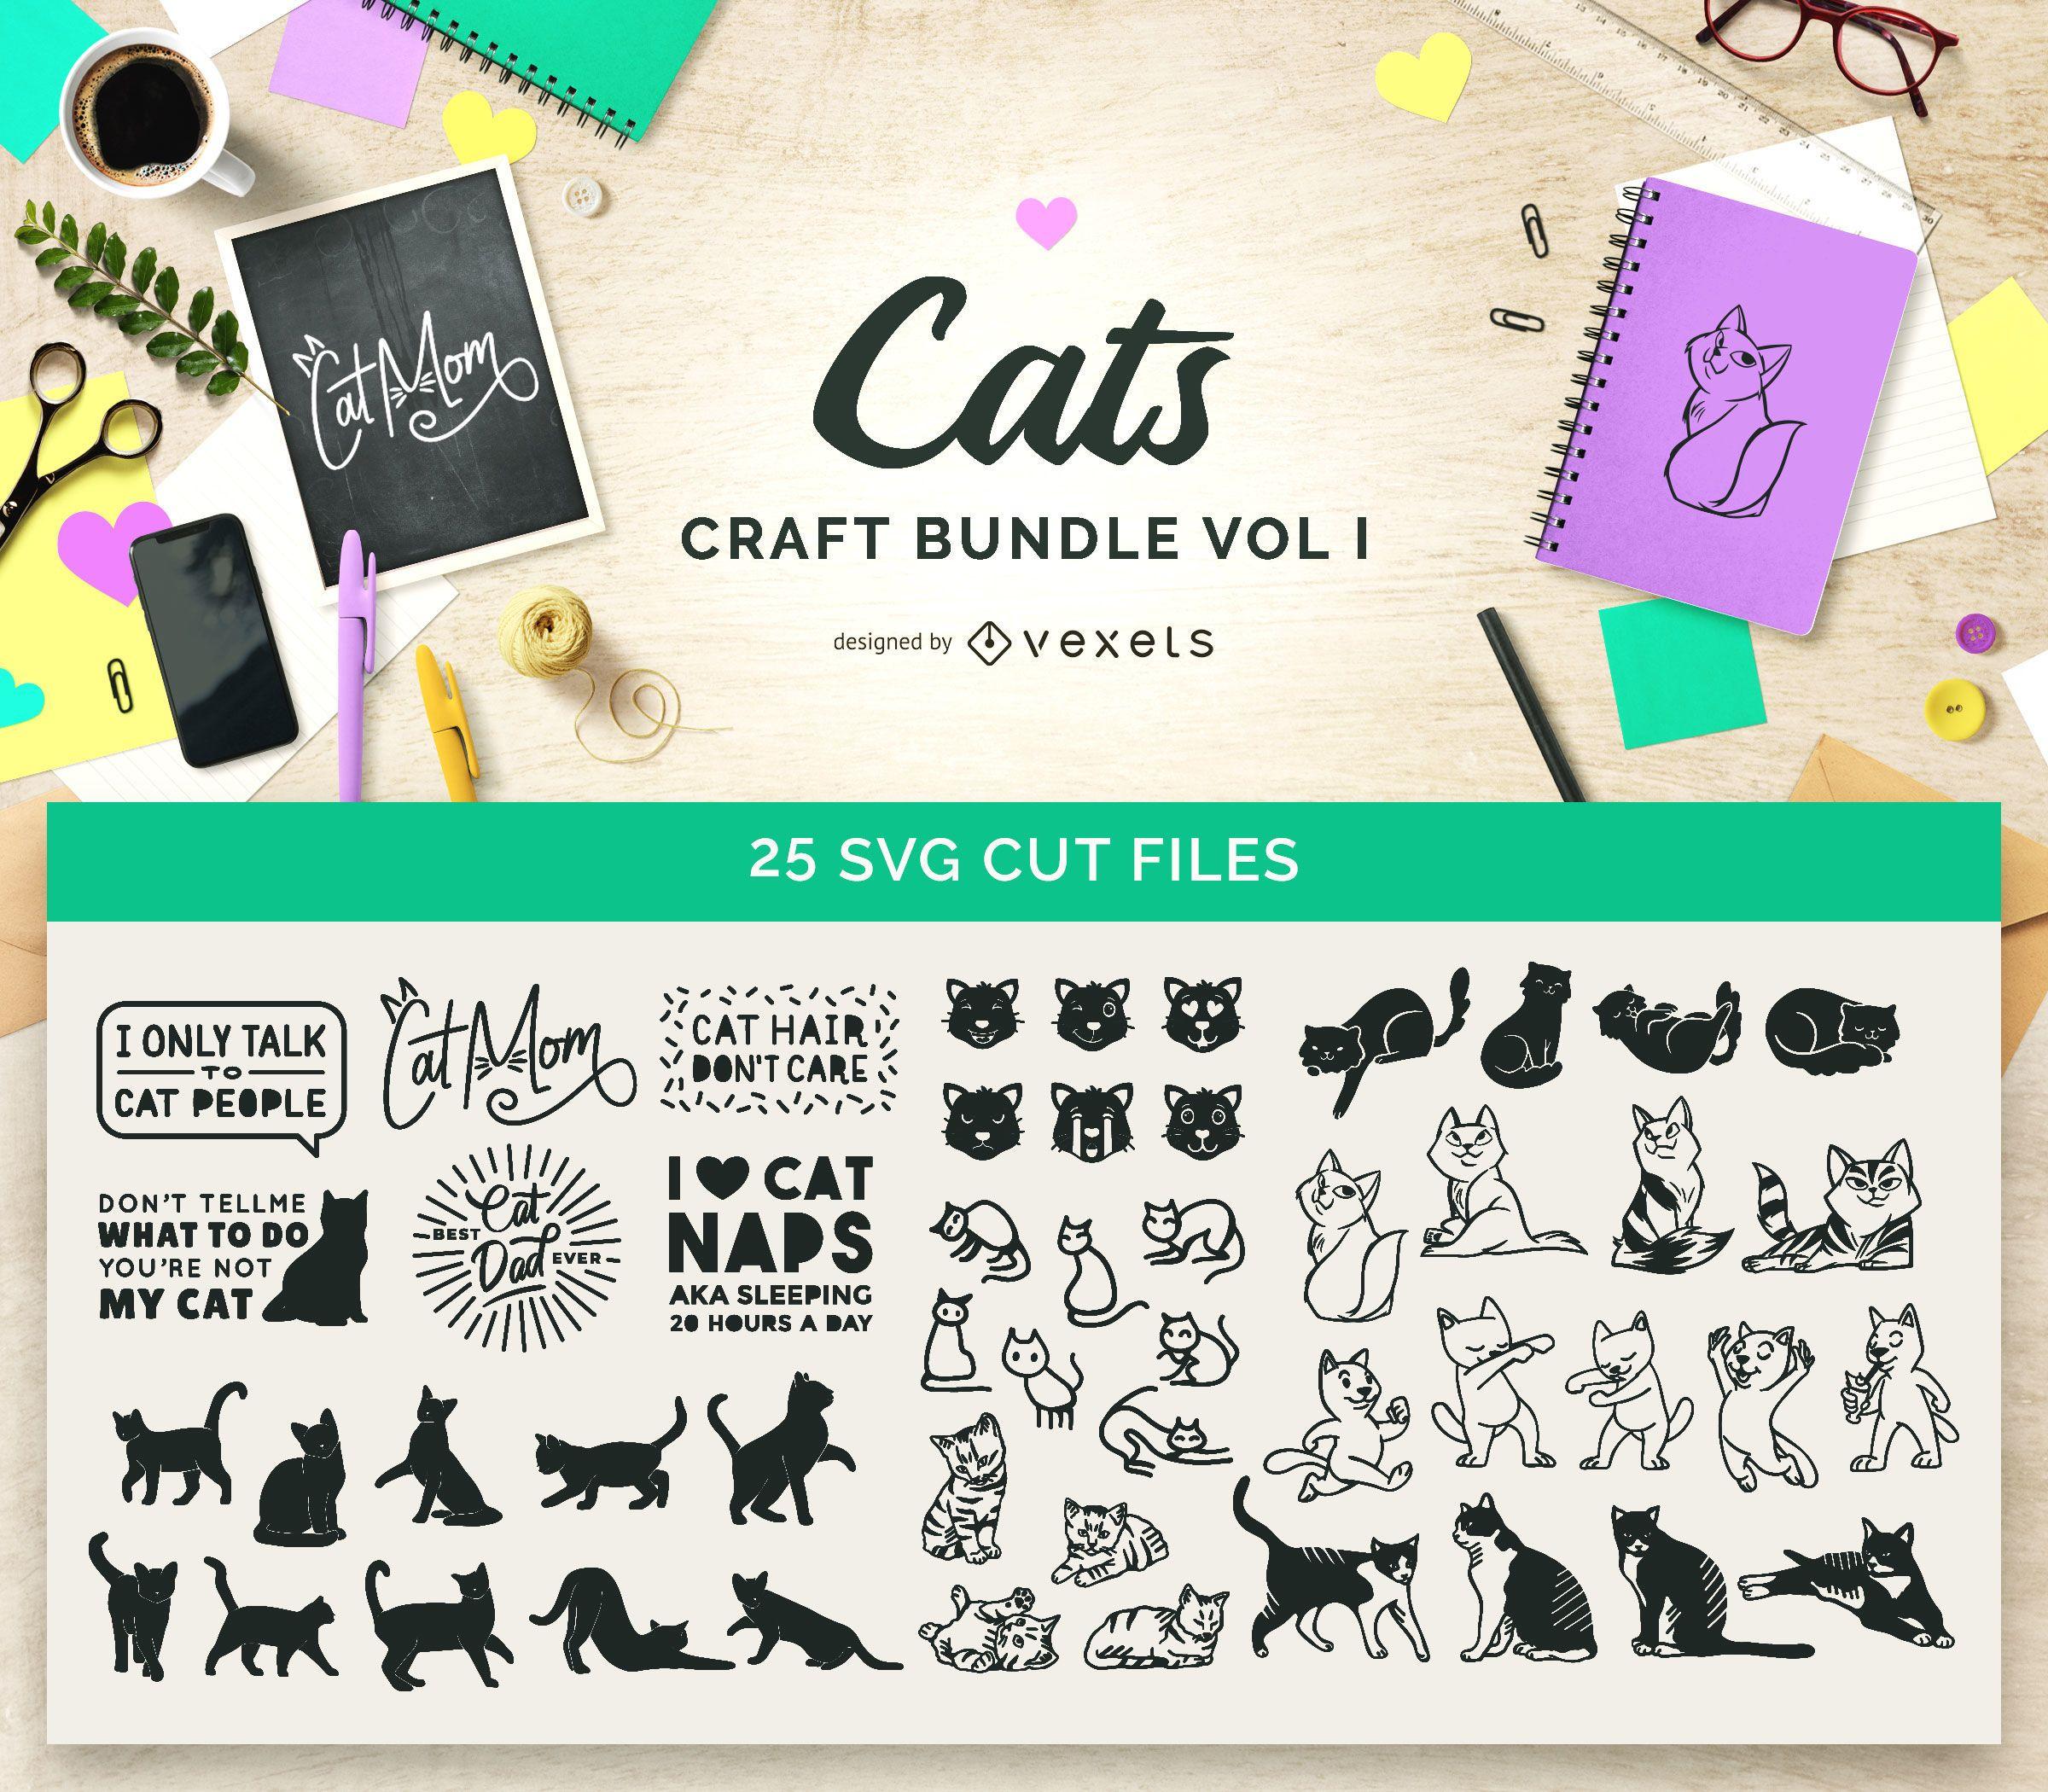 Paquete de manualidades para gatos Vol I